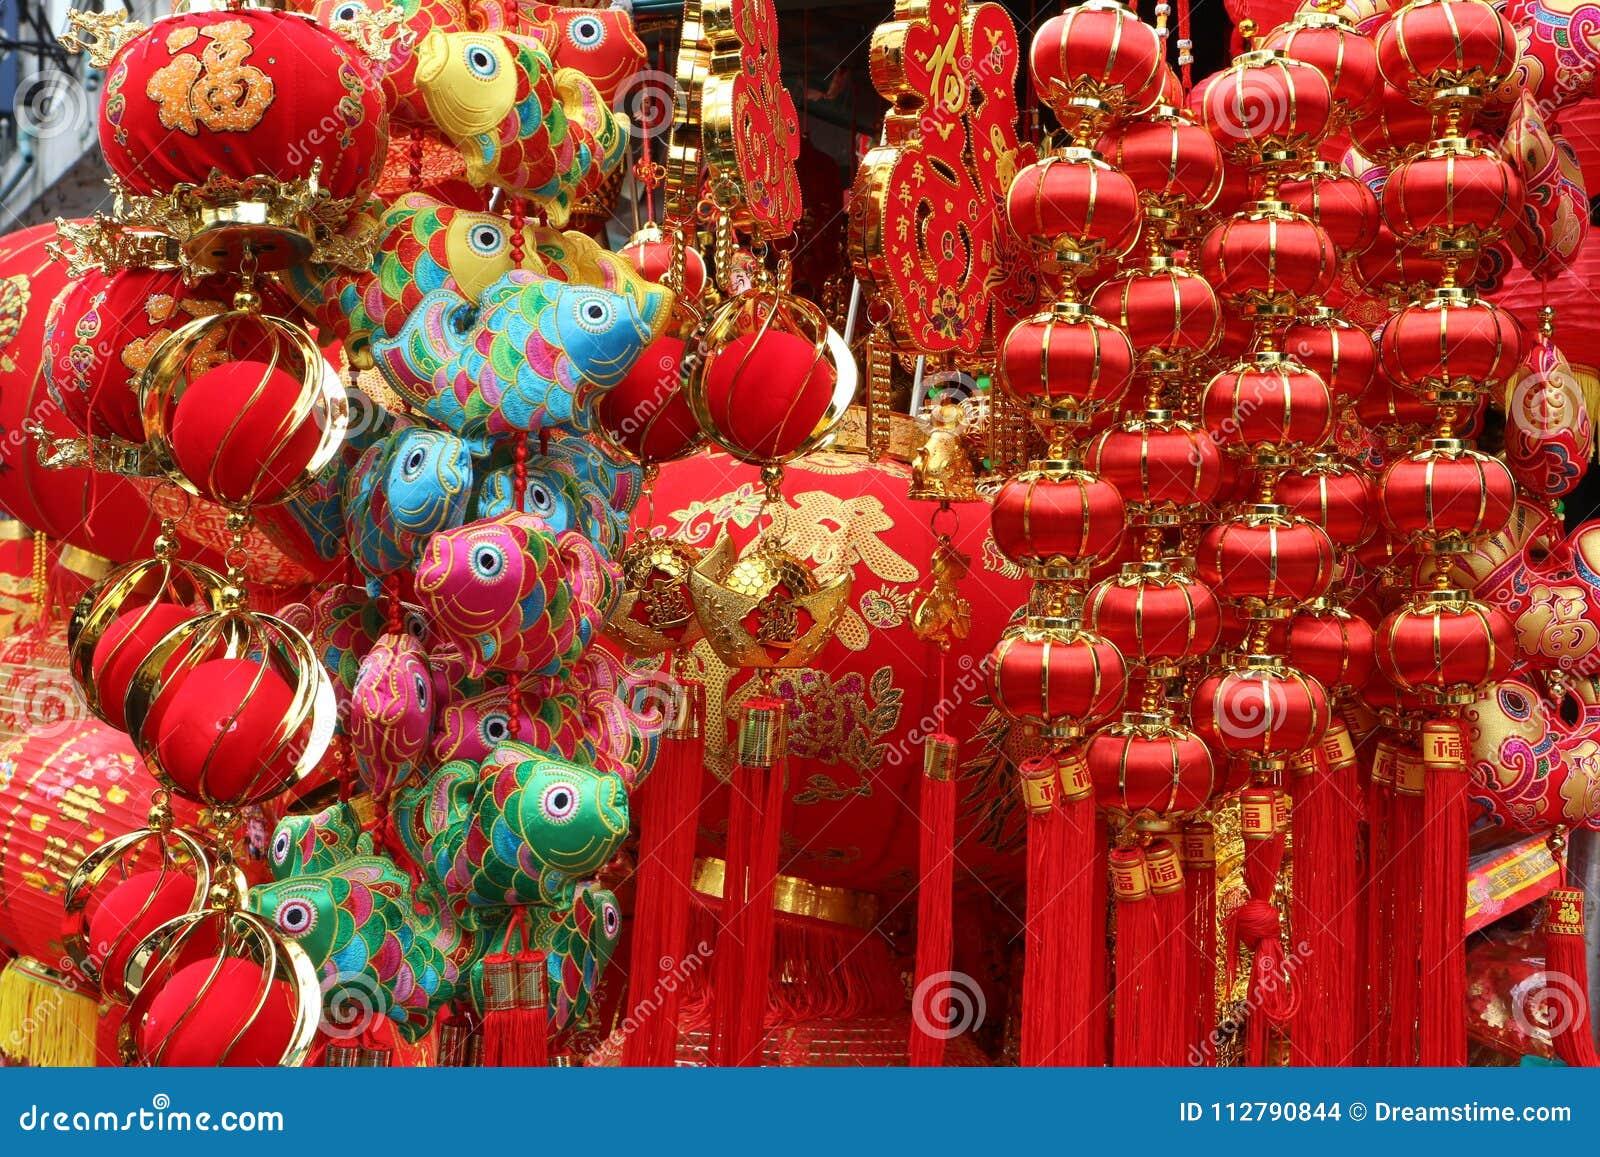 Fondo rojo chino de la linterna en festival chino del Año Nuevo La palabra significa los buenos días, festival de primavera, hace